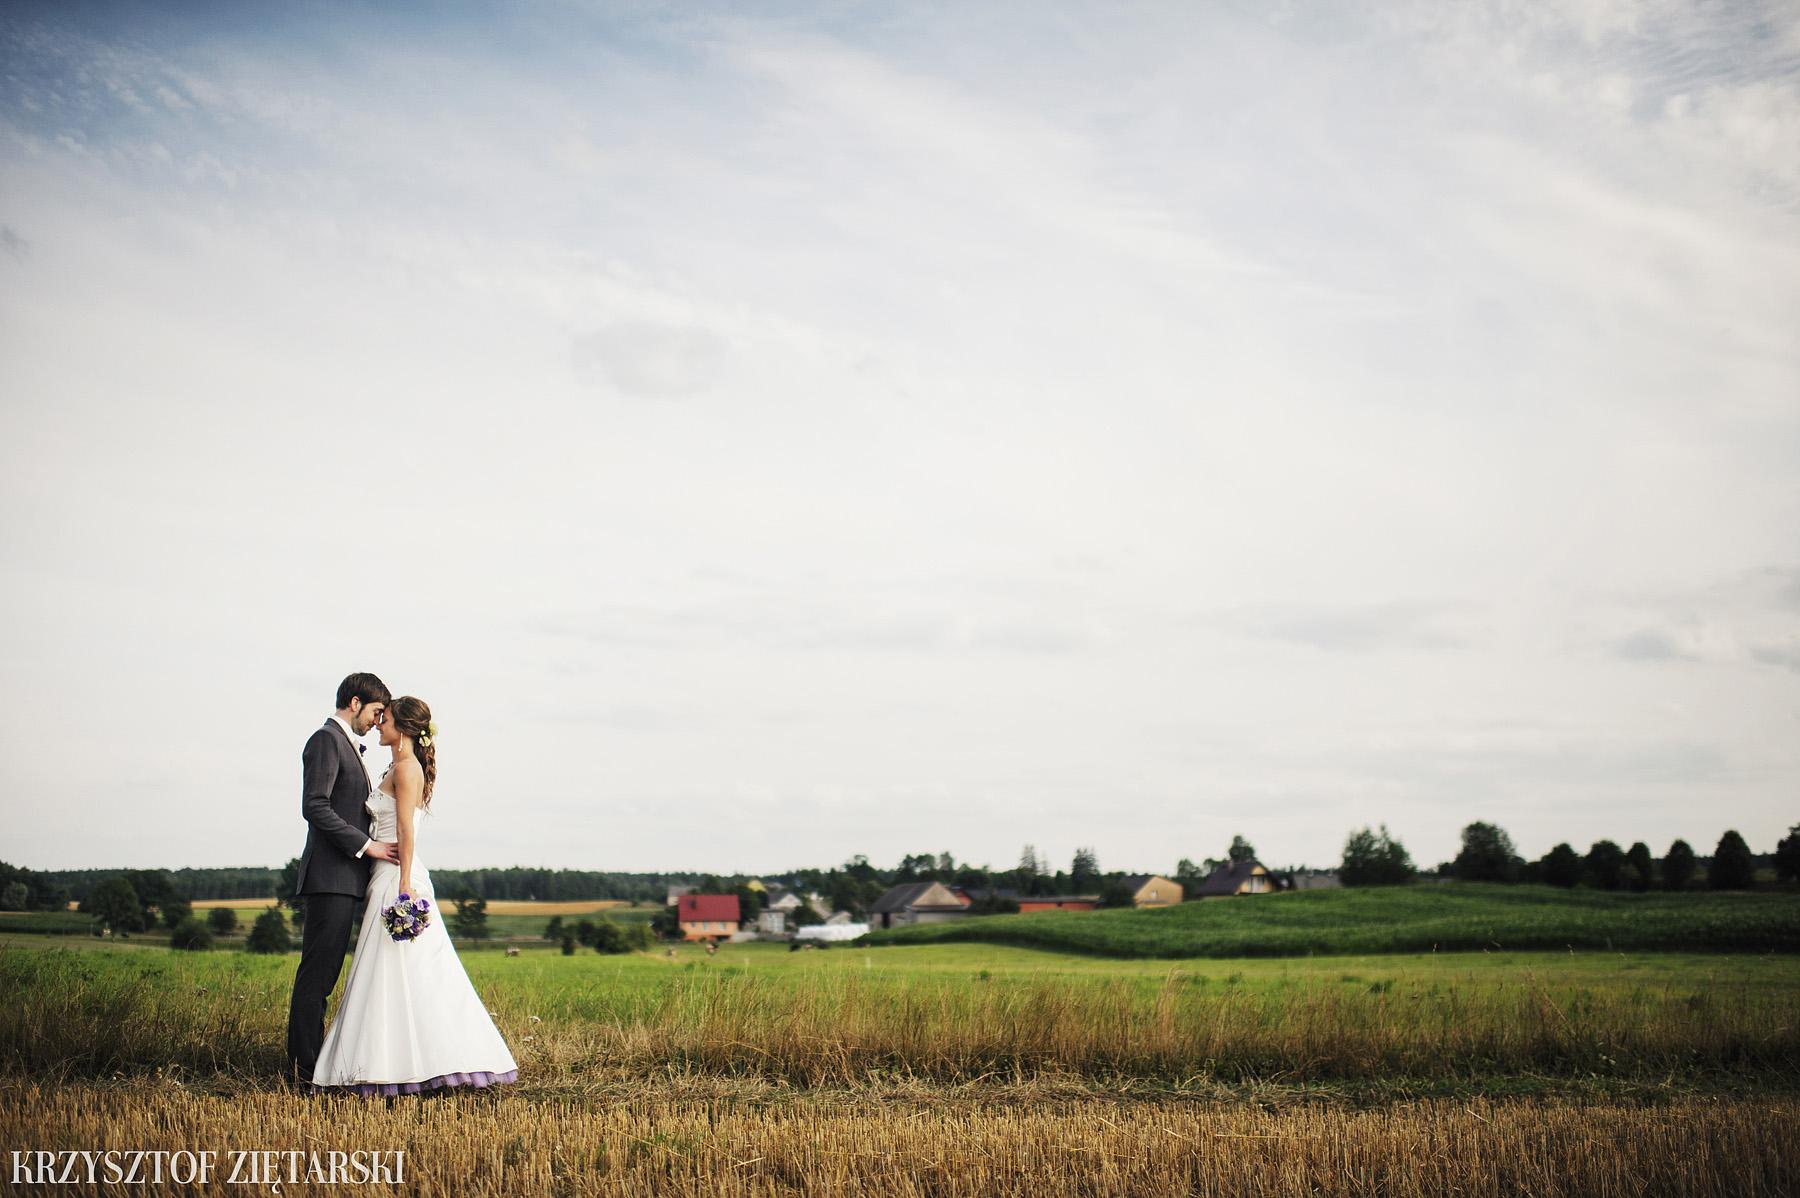 Gosia i Gabriele - Fotografia ślubna Gdynia - Dar Pomorza, Gościniec dla Przyjaciół Wyczechowo, Sea Towers - 36.